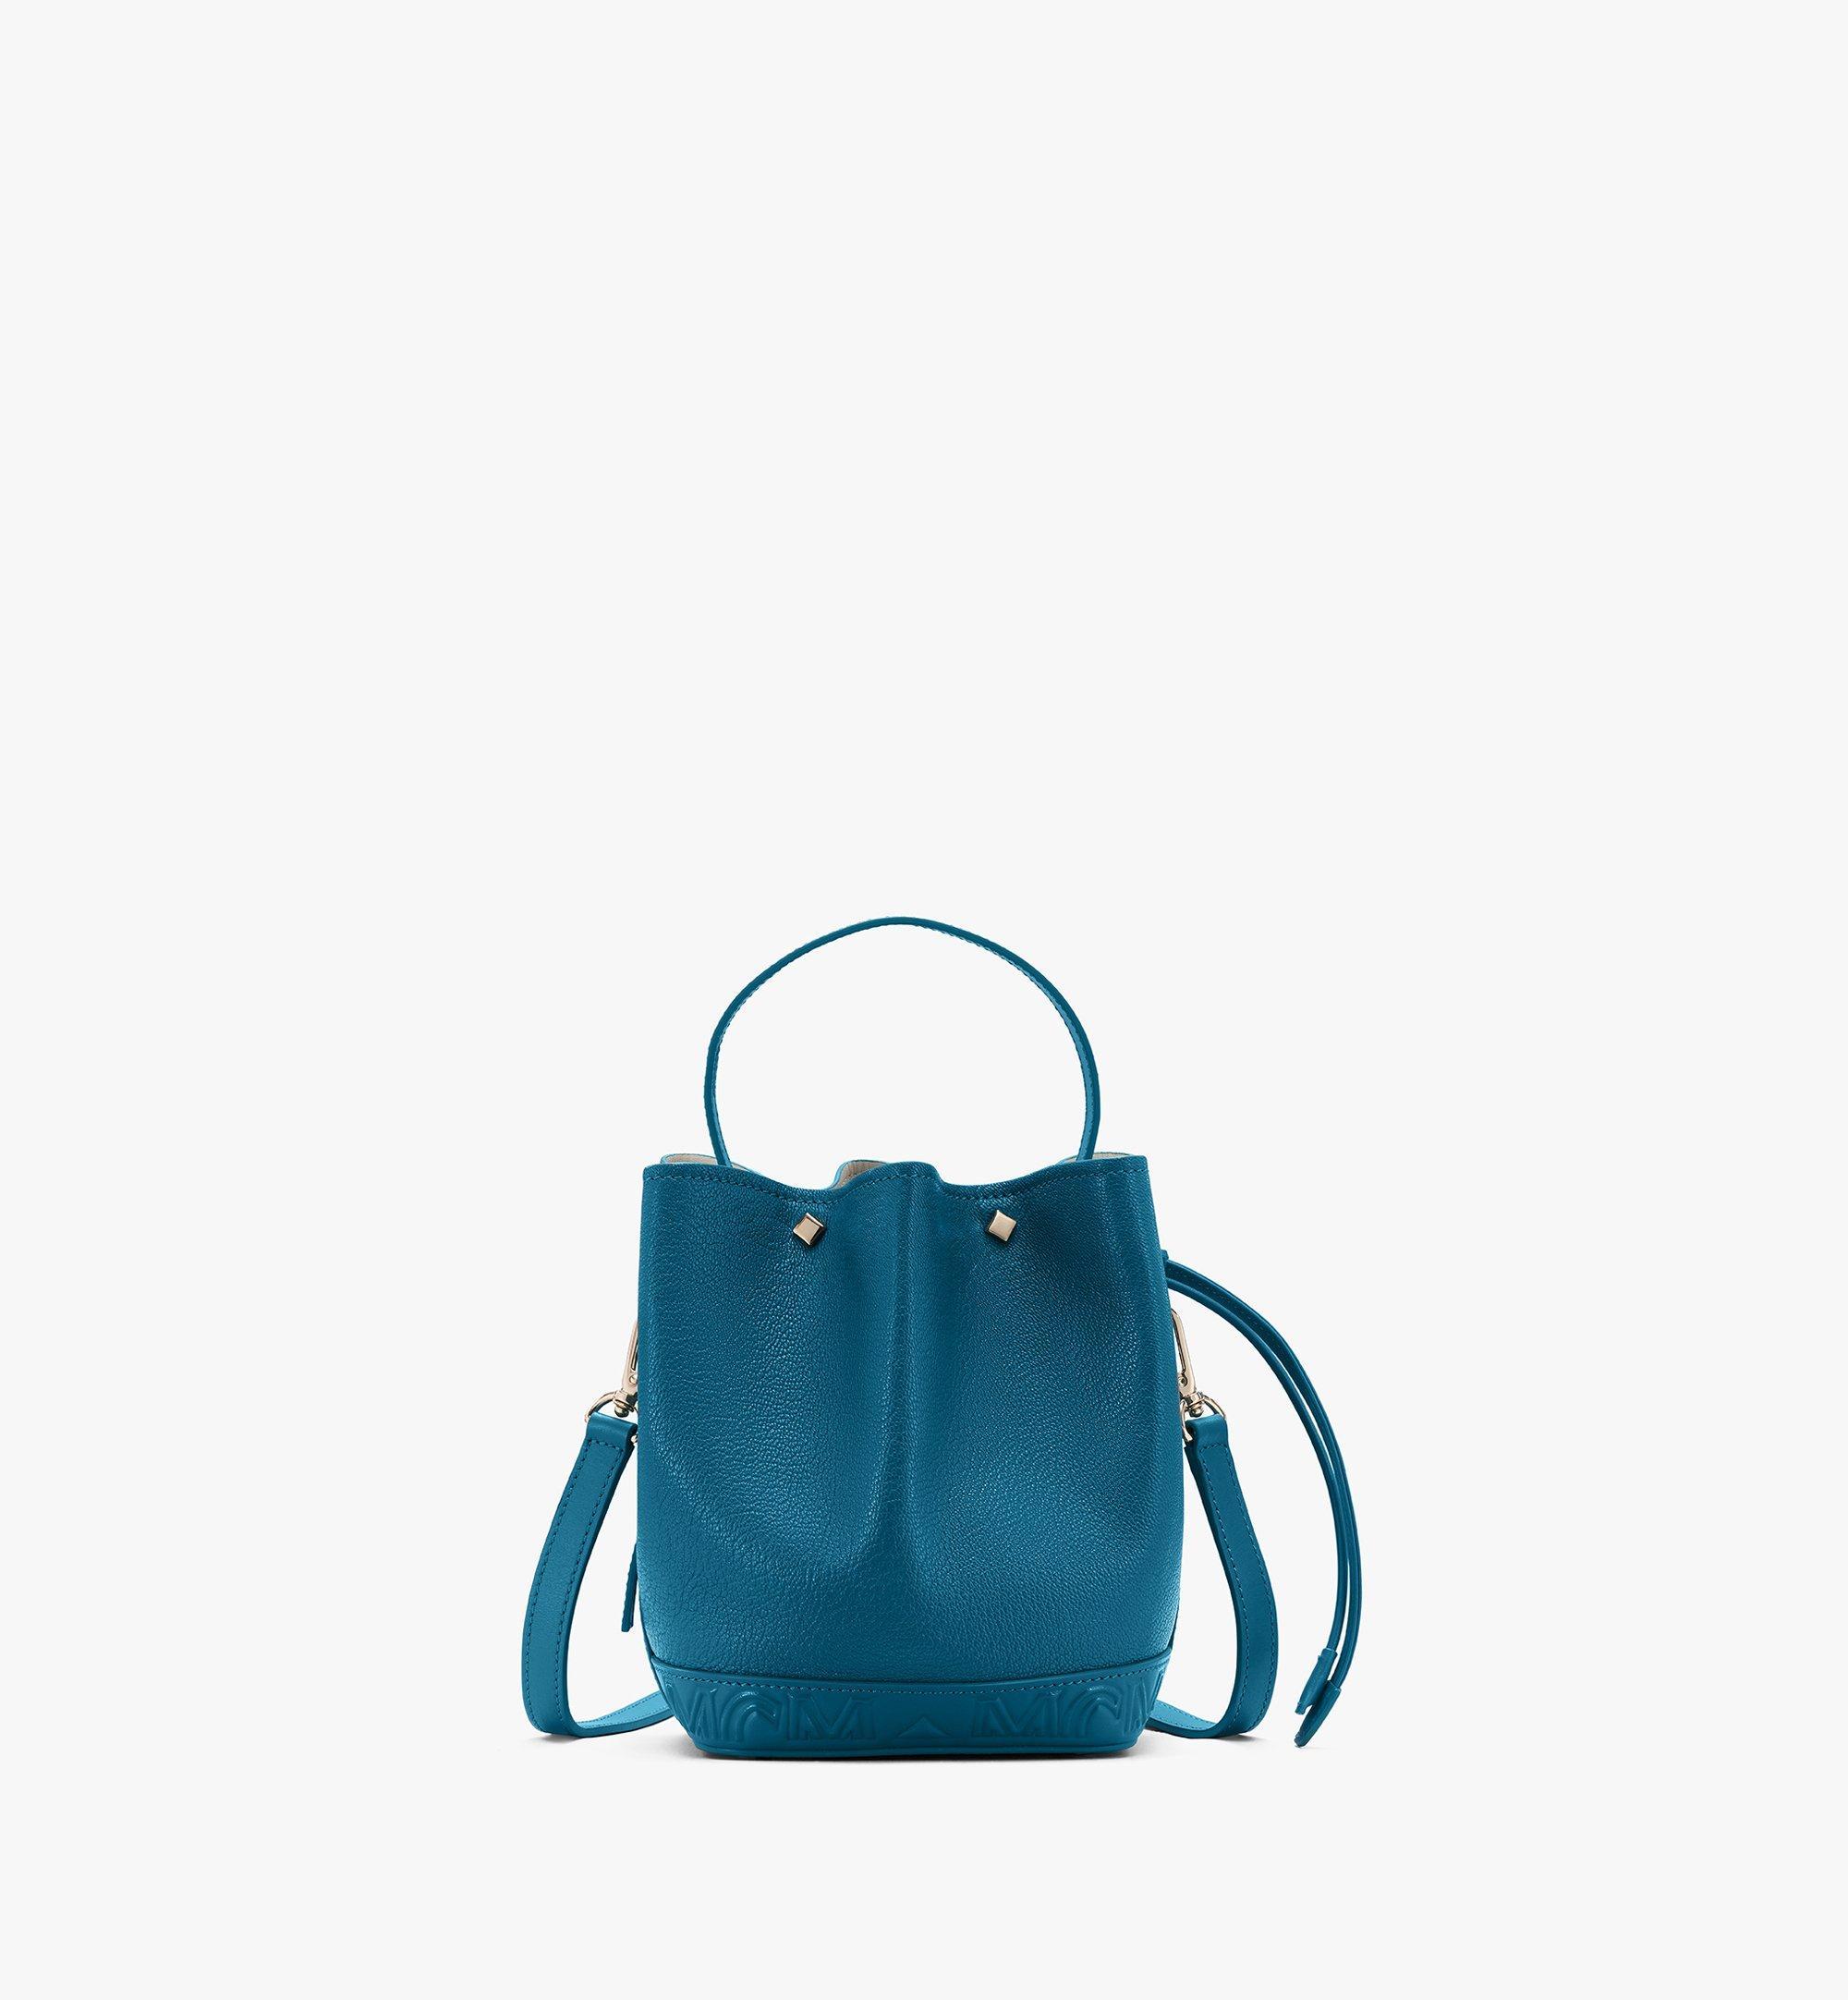 MCM Milano Drawstring Bag in Goatskin Leather Green MWDASDA03JF001 Alternate View 1